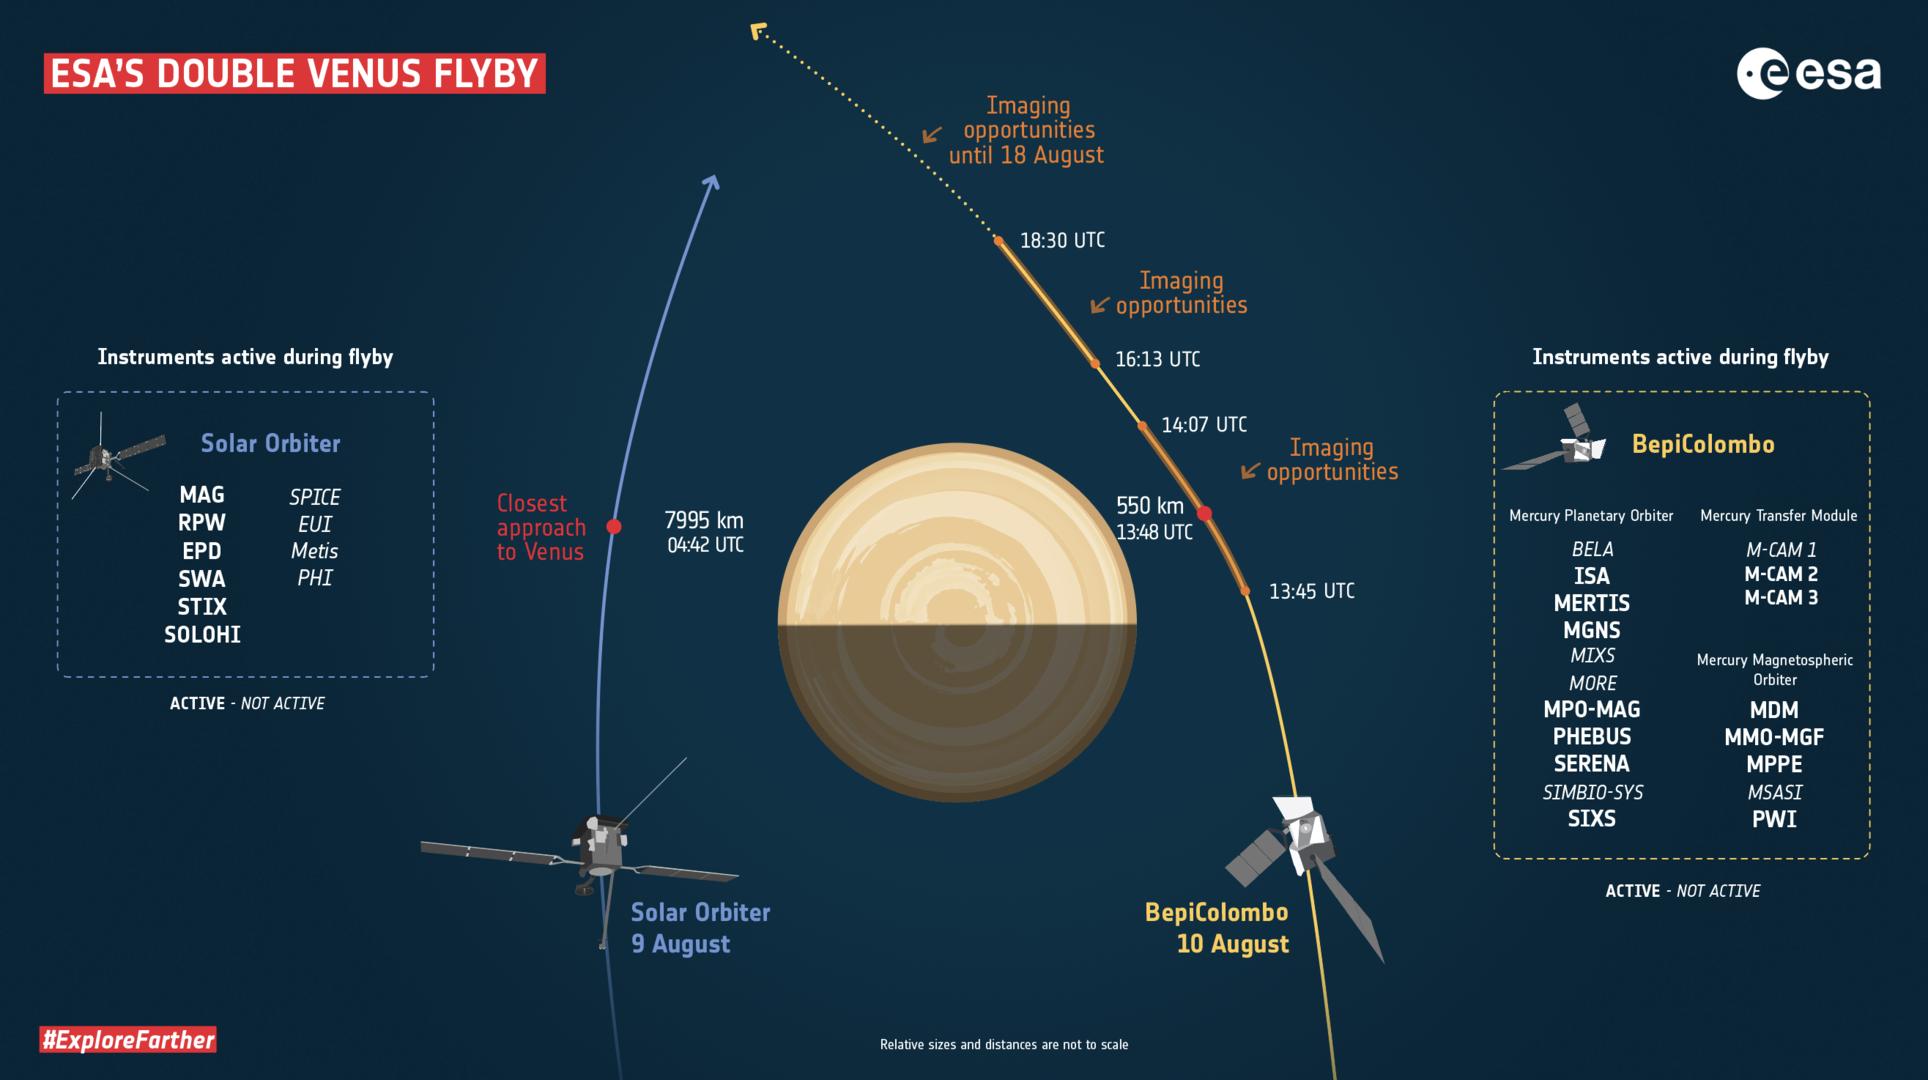 Venuše, průlet dvou evropských sond